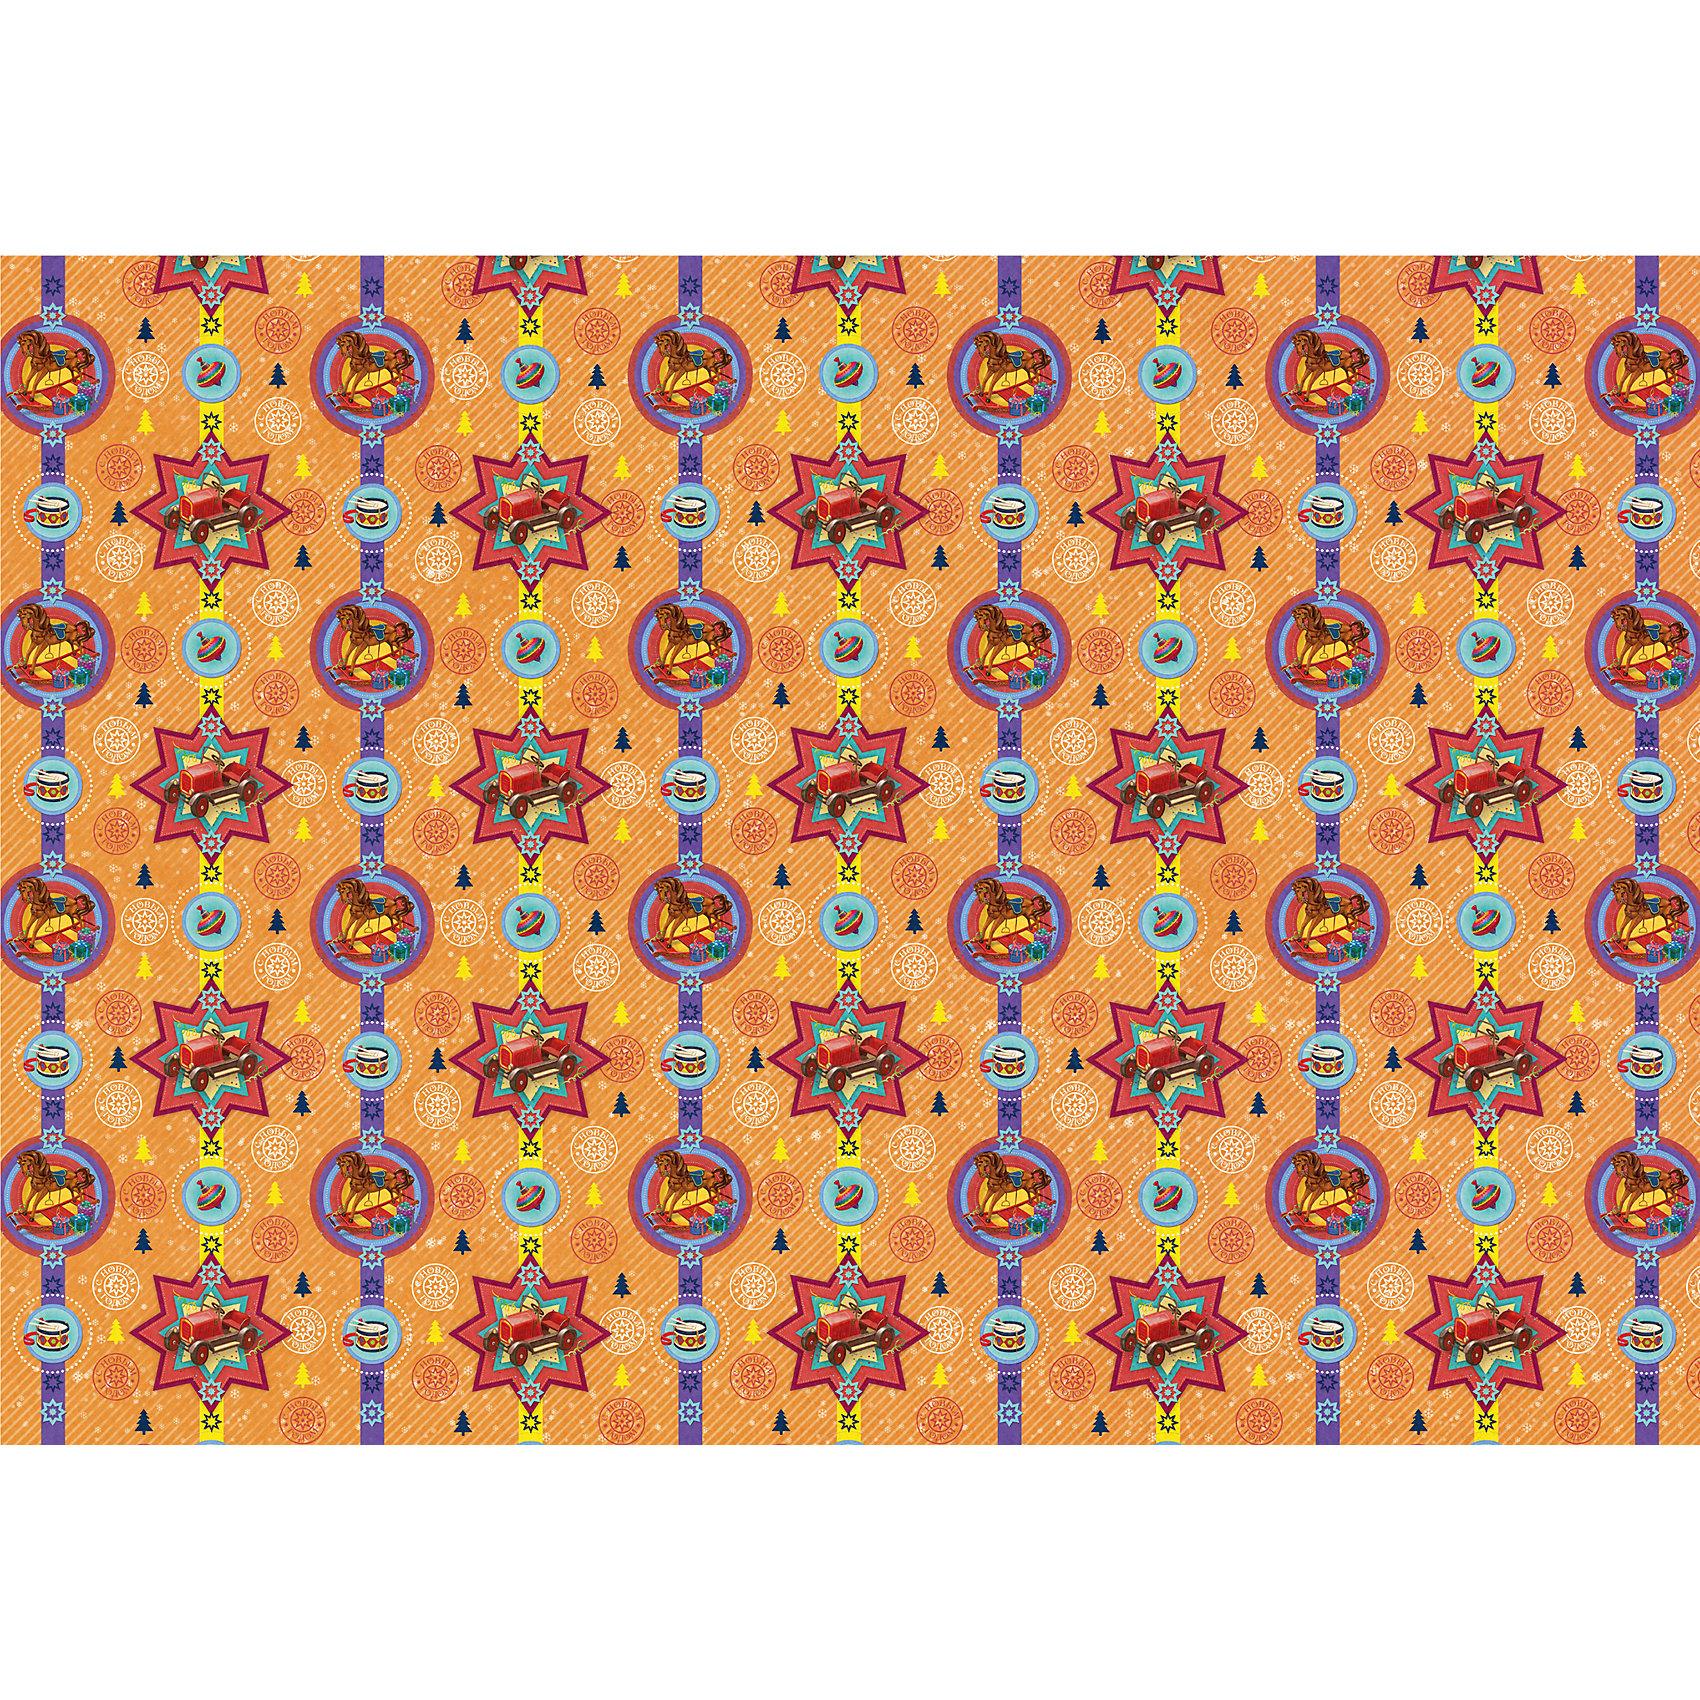 Новогодняя упаковочная бумага в рулонах Деревянные игрушки, полноцветные 100x70смВсё для праздника<br>Характеристики товара:<br><br>• размер: 100х70 мм<br>• комплектация: 1 шт<br>• материал: бумага<br>• с орнаментом<br>• страна производства: Китай<br><br>Подарки в красивых упаковках - неотъемлемая часть приятных новогодних ритуалов! Эта подарочная бумага будет отлично смотреться в под ёлкой, она качественно выполнена и нарядно выглядит благодаря яркому рисунку. С такой упаковкой подарок будет и дарить и принимать приятнее! Продаётся в листах размером 100х70 сантиметров.<br>Такие небольшие детали и создают праздник! От них во многом зависит хорошее новогоднее настроение. Изделие производится из качественных сертифицированных материалов, безопасных даже для самых маленьких.<br><br>Новогоднюю упаковочную бумагу в рулонах Деревянные игрушки, полноцветные 100x70см можно купить в нашем интернет-магазине.<br><br>Ширина мм: 700<br>Глубина мм: 1000<br>Высота мм: 20<br>Вес г: 300<br>Возраст от месяцев: 72<br>Возраст до месяцев: 480<br>Пол: Унисекс<br>Возраст: Детский<br>SKU: 5051705